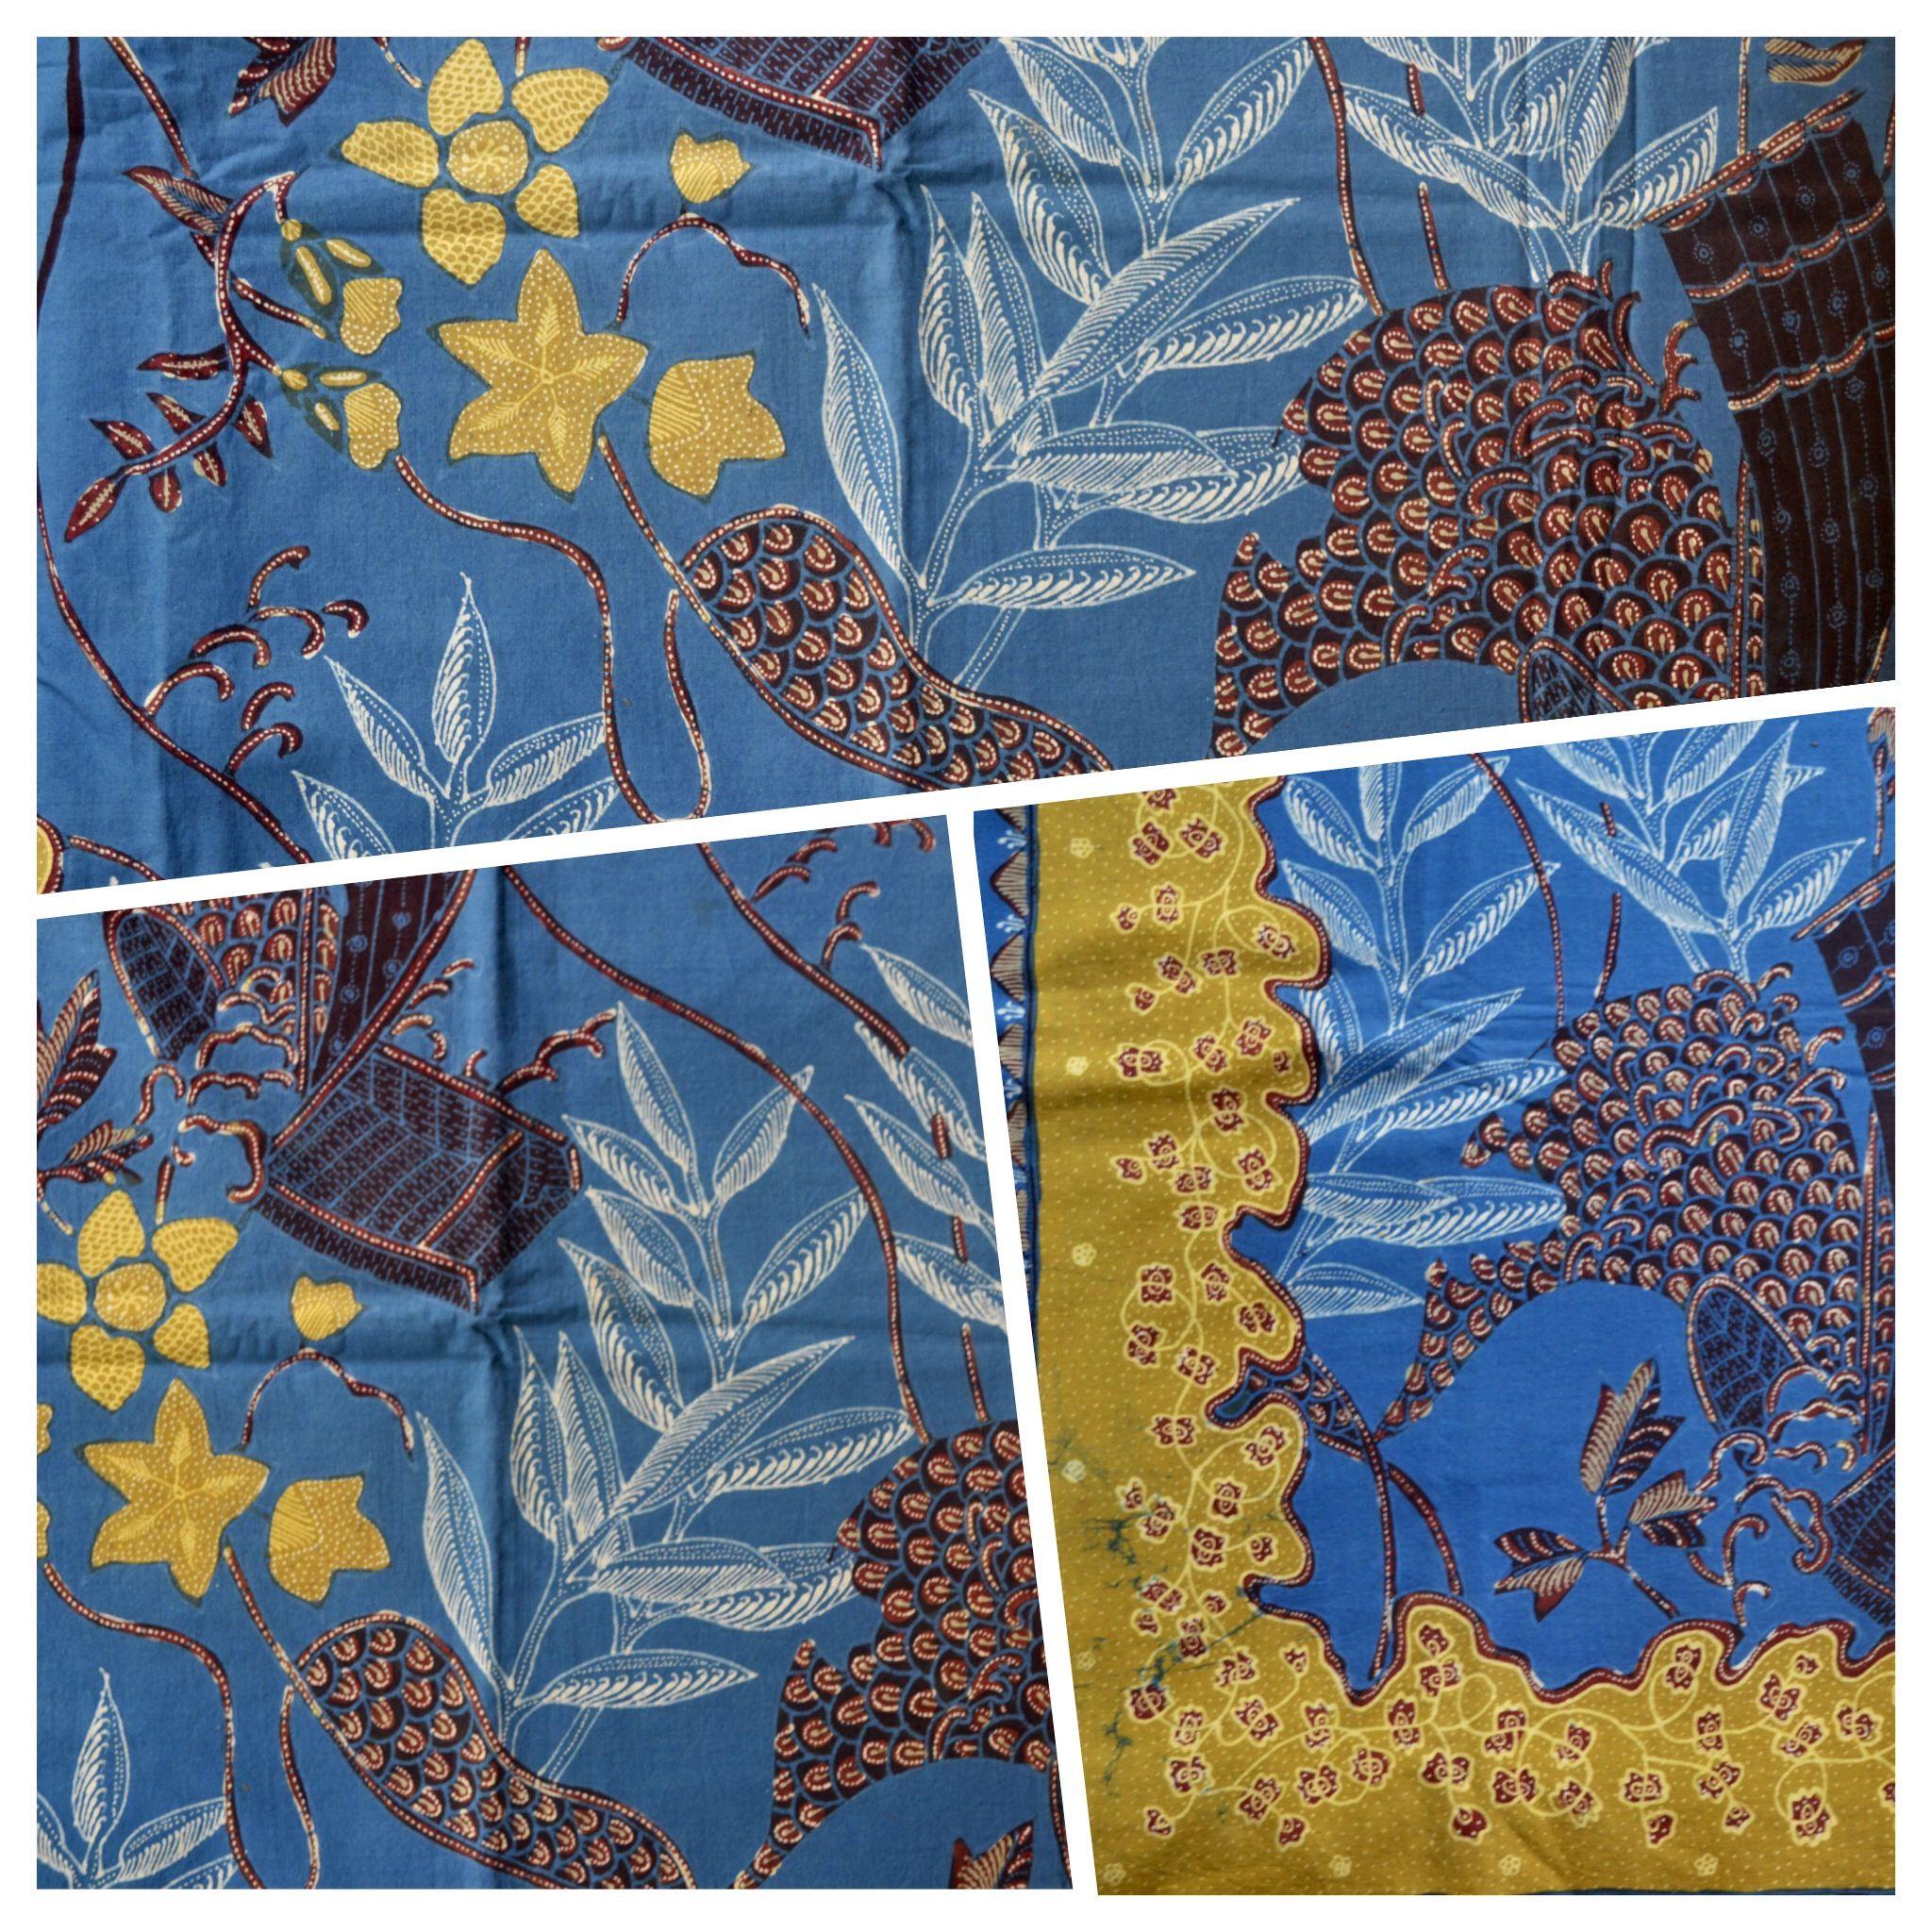 Hand-drawn #batik #indonesia